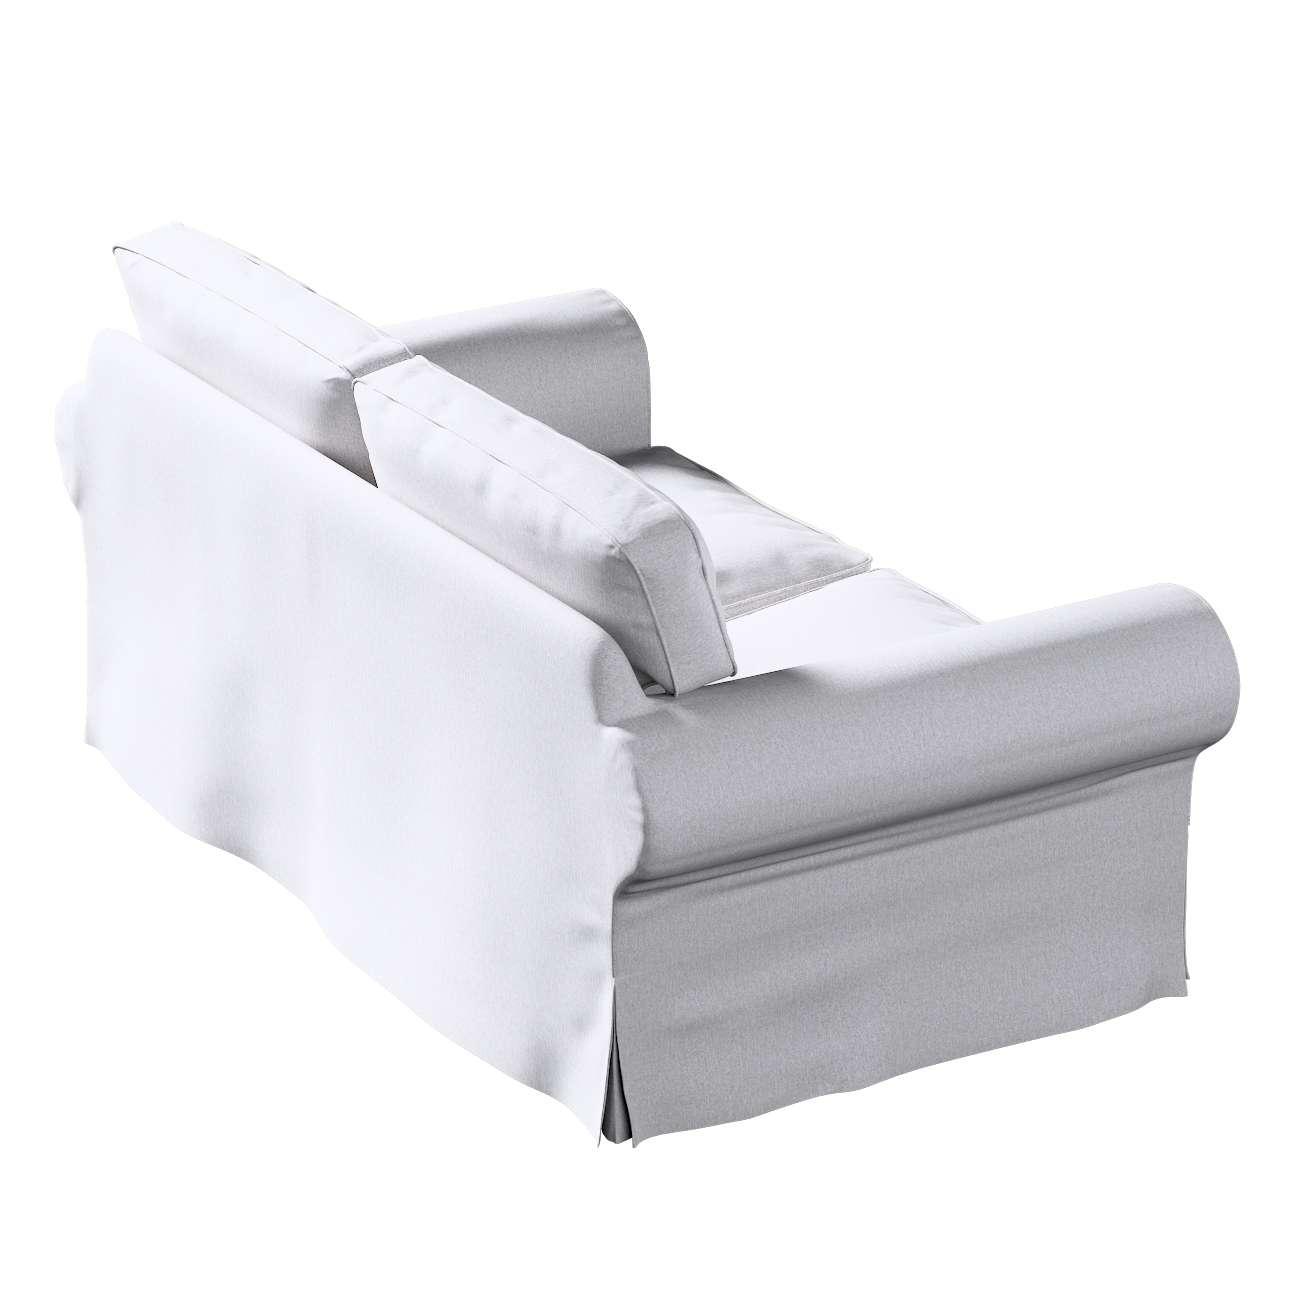 Poťah na sedačku Ektorp (nerozkladá sa, pre 2 osoby) V kolekcii Amsterdam, tkanina: 704-45